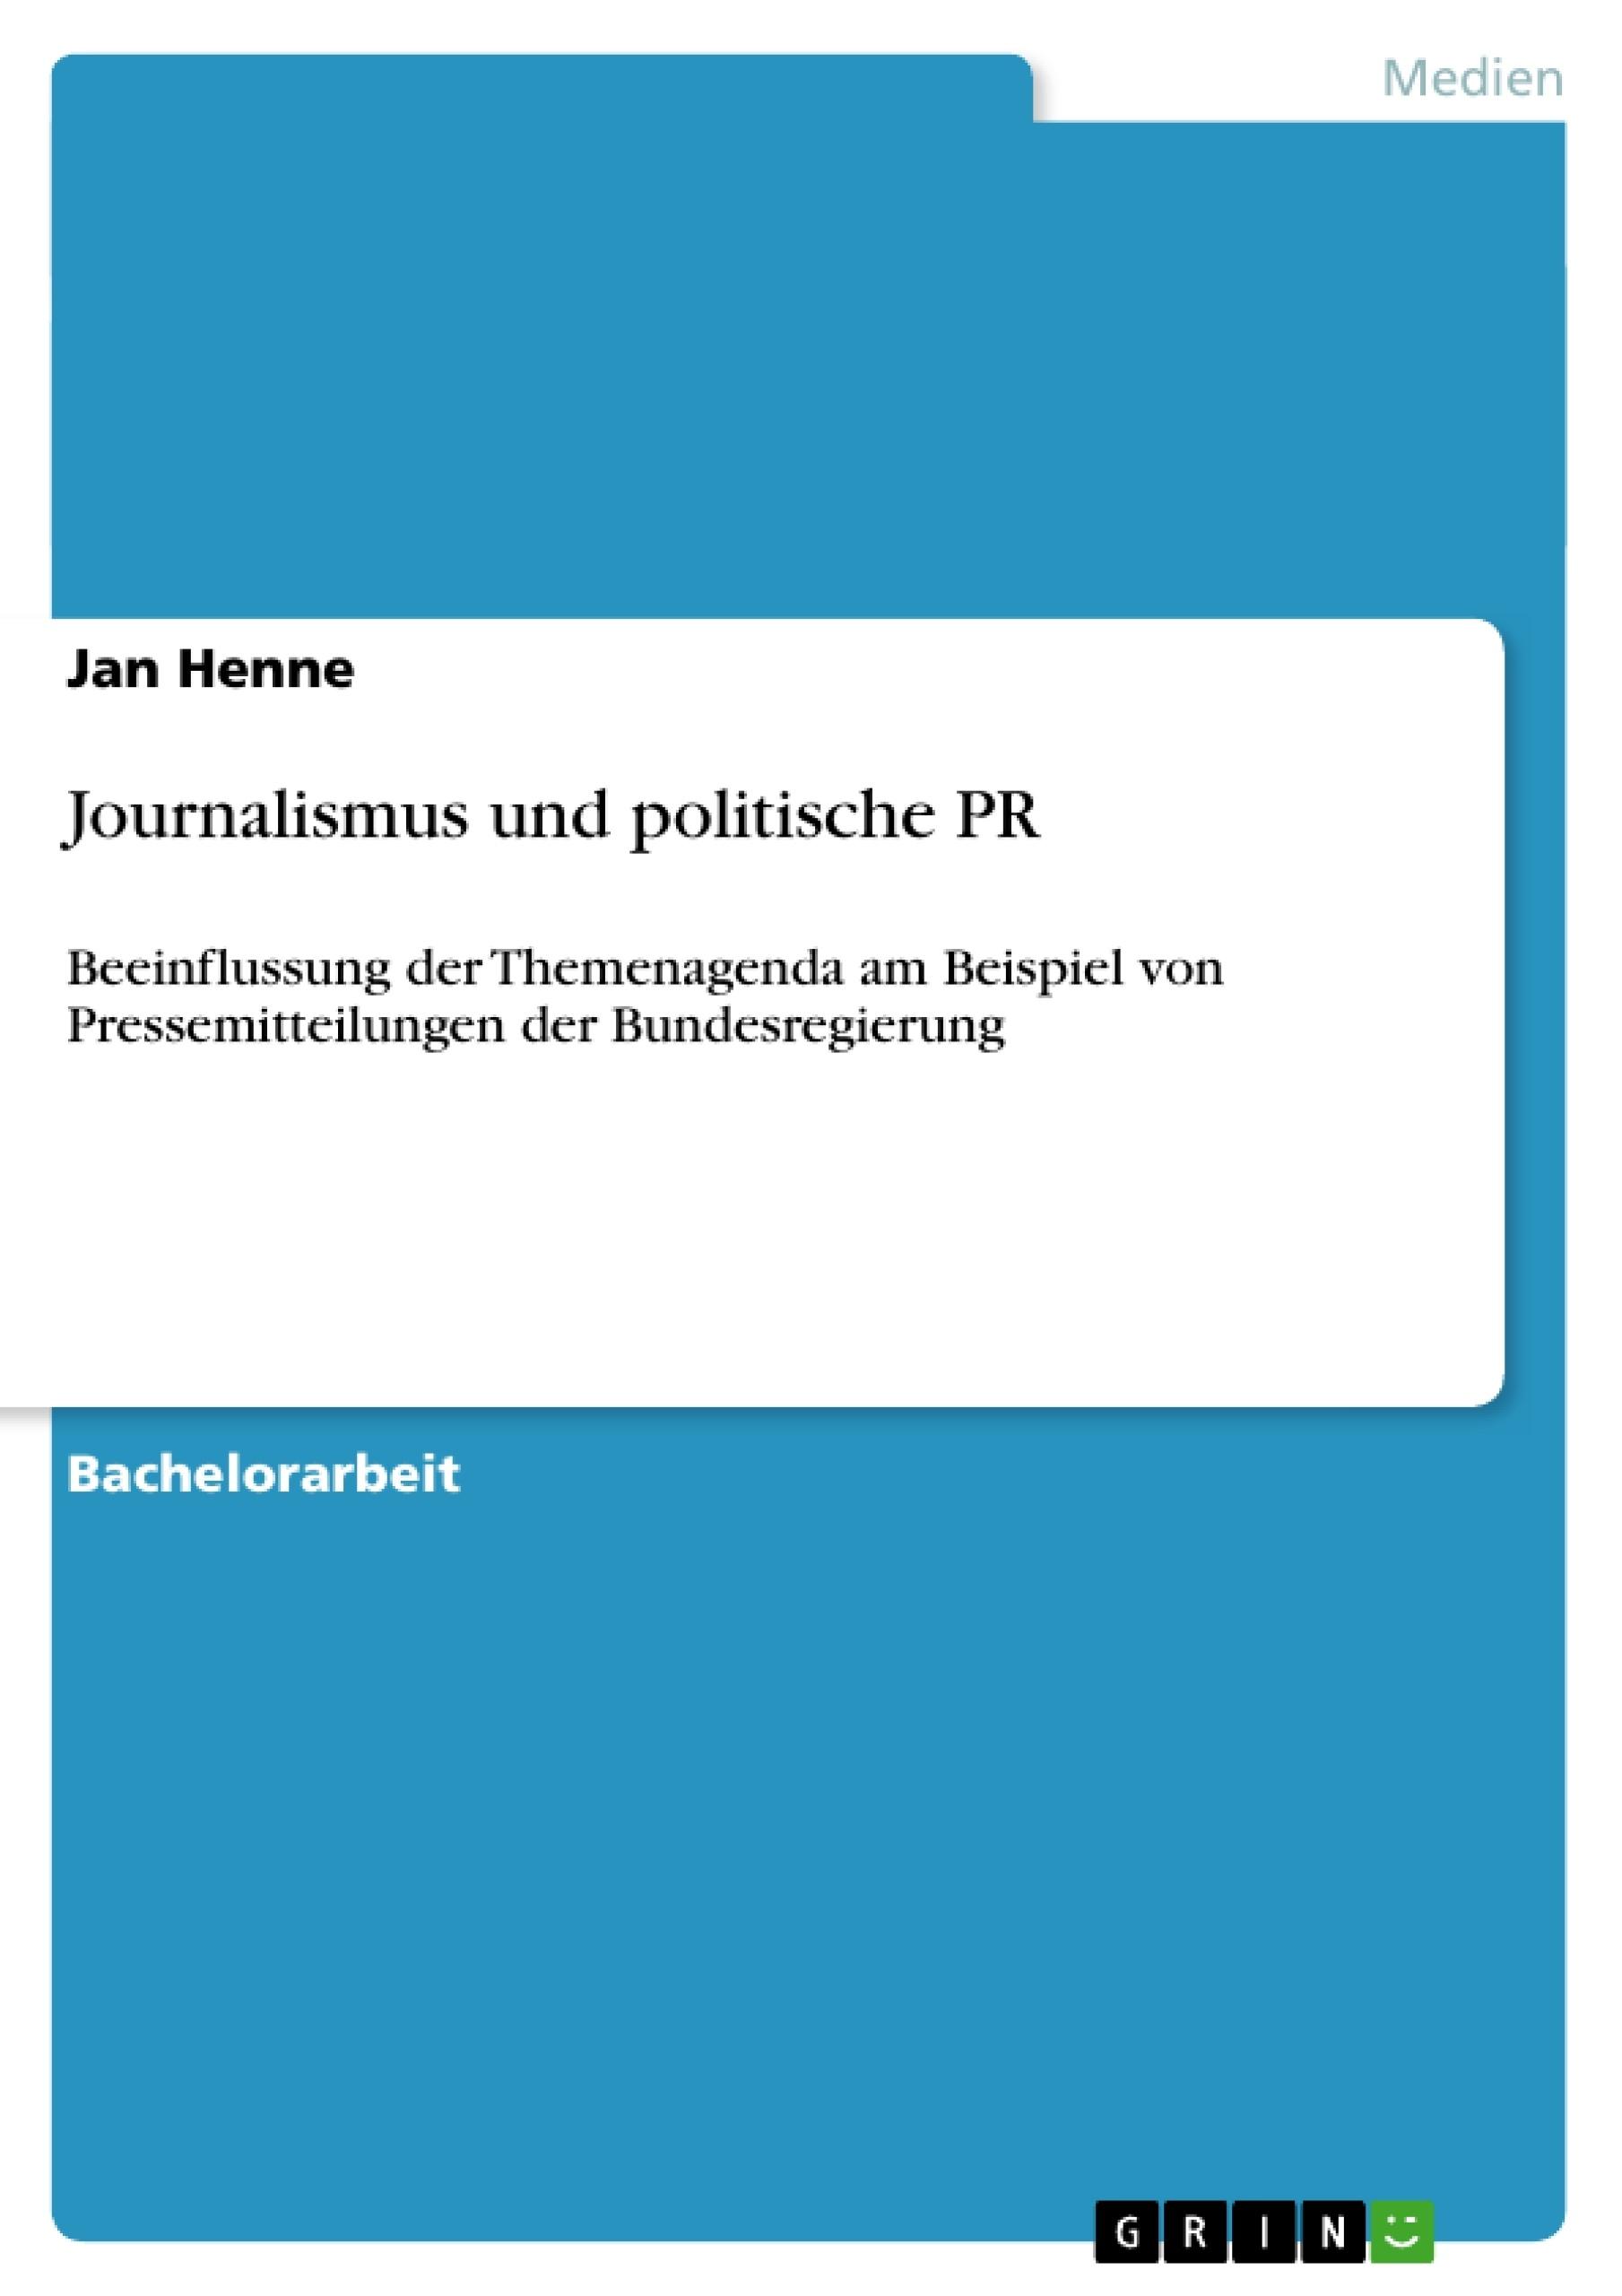 Titel: Journalismus und politische PR